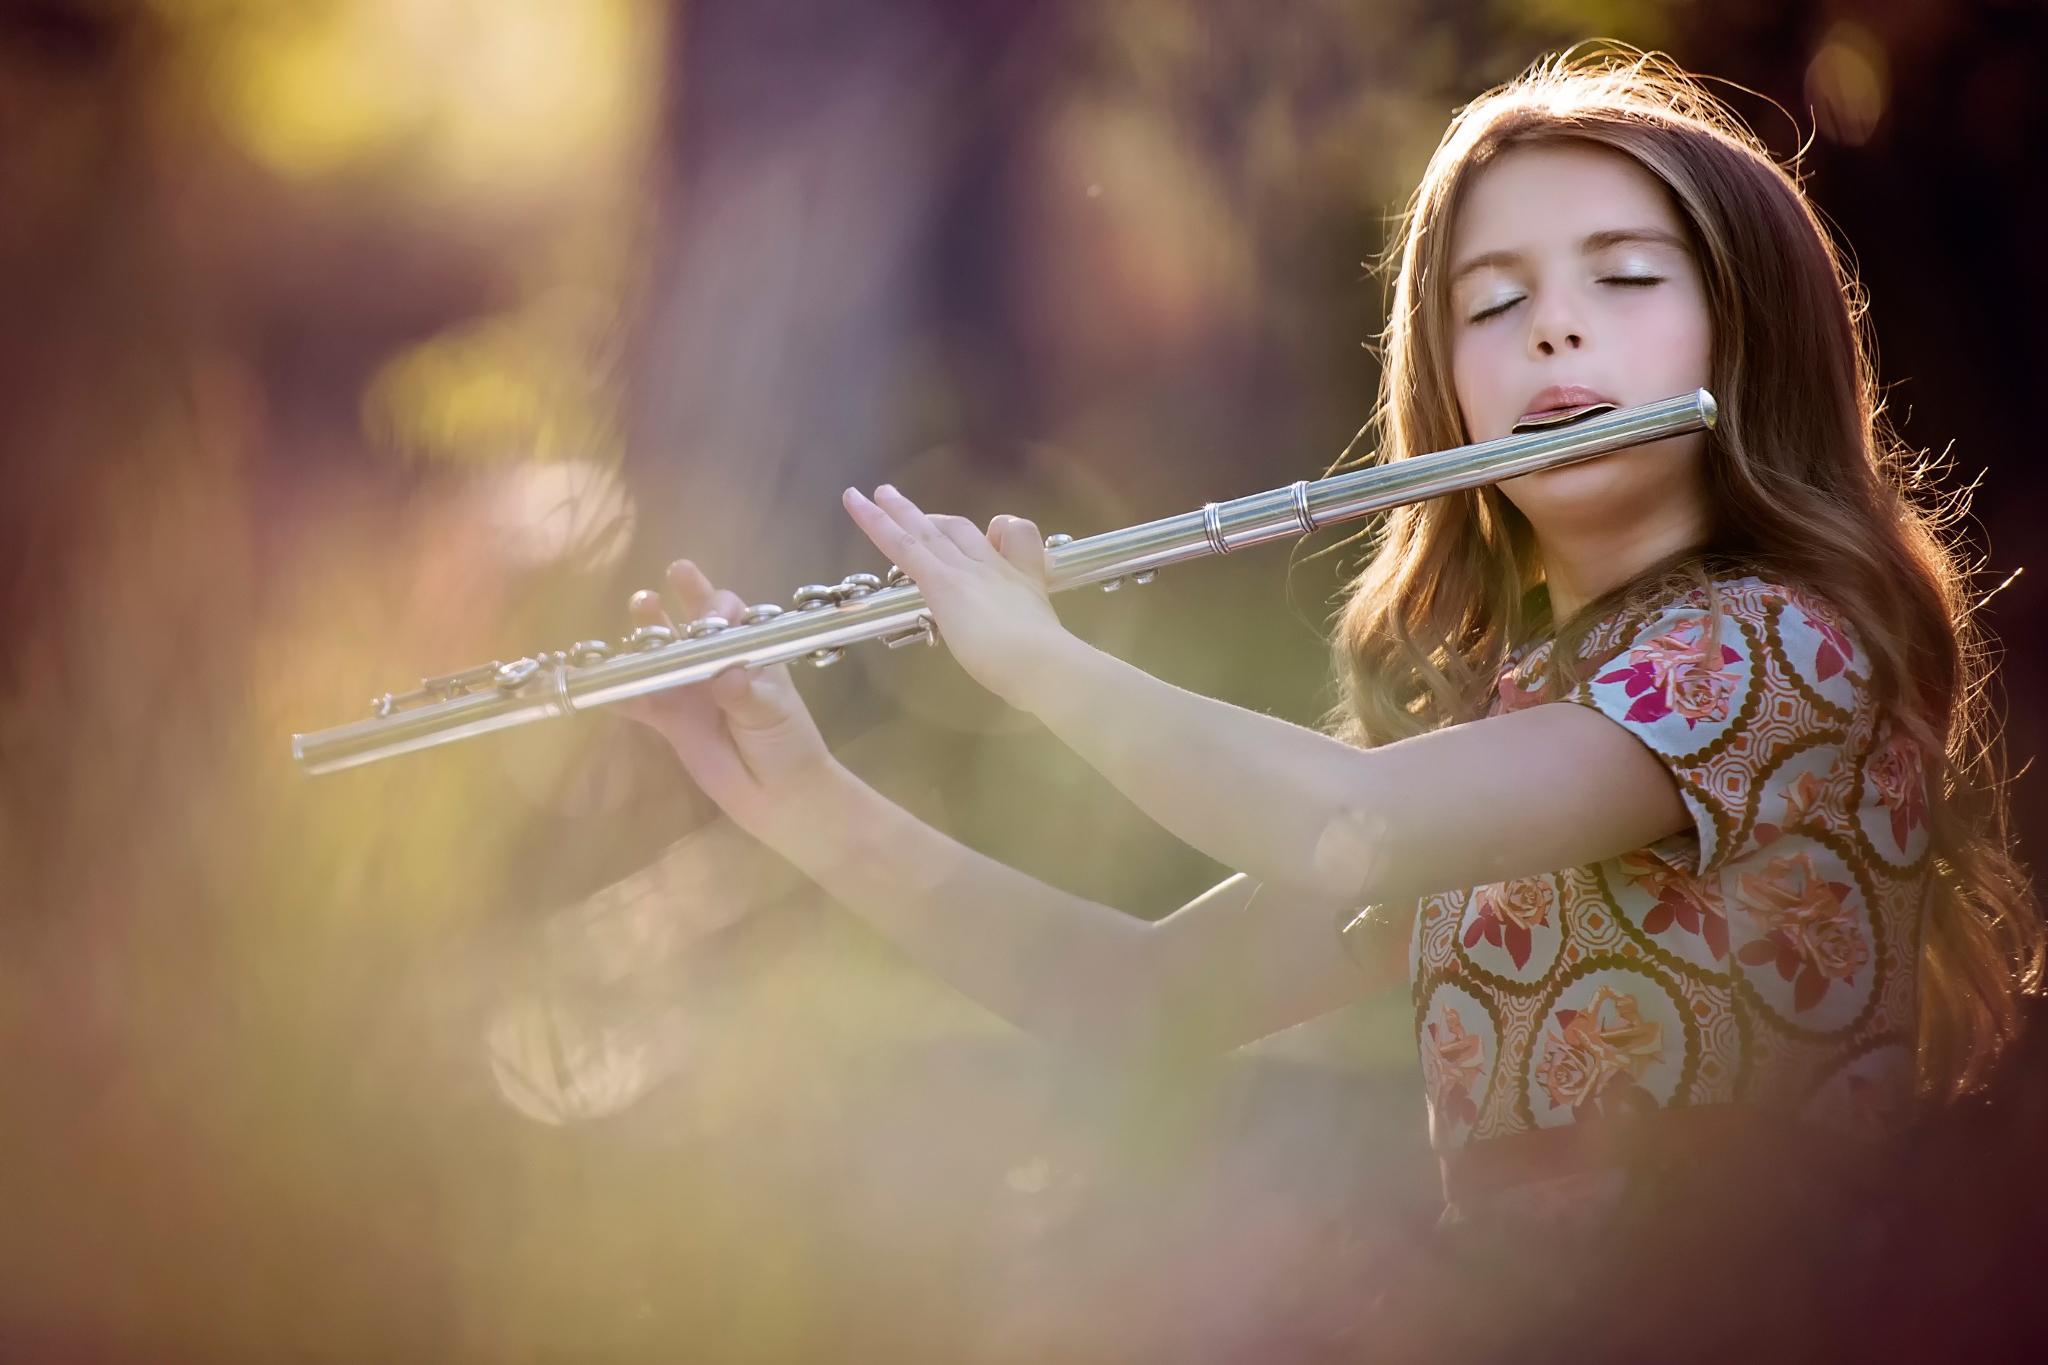 Картинка: Девочка, флейта, игра, мелодия